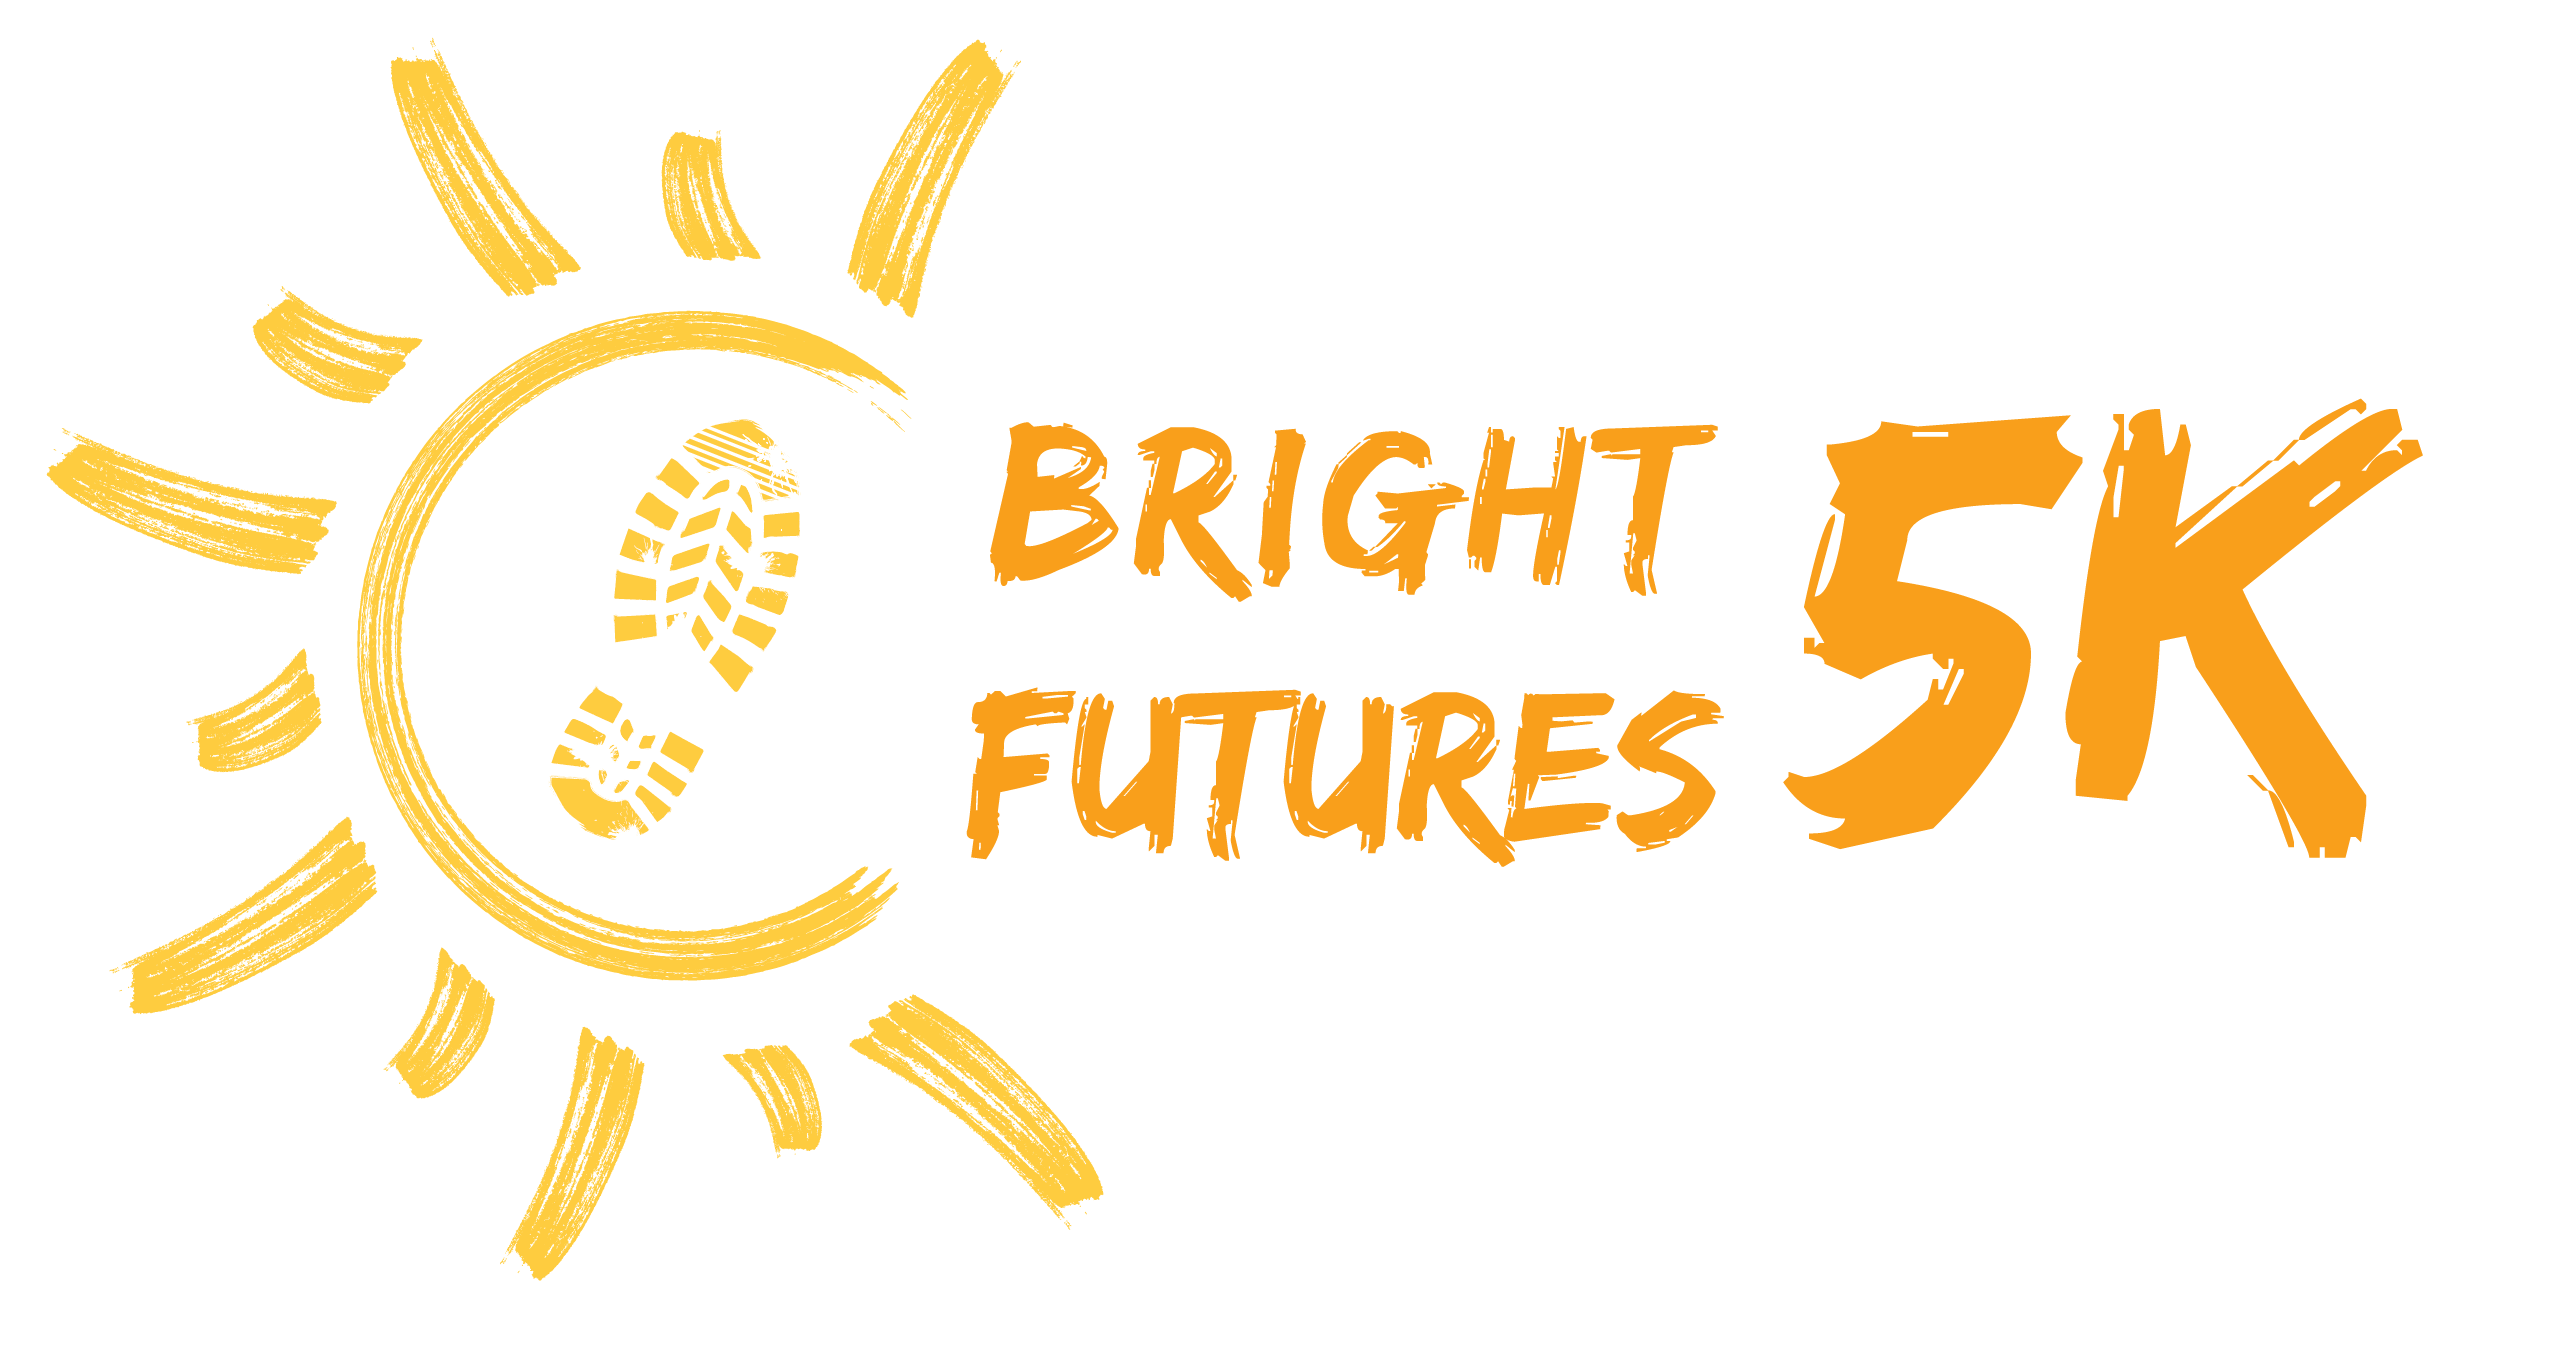 Bright Futures 5K